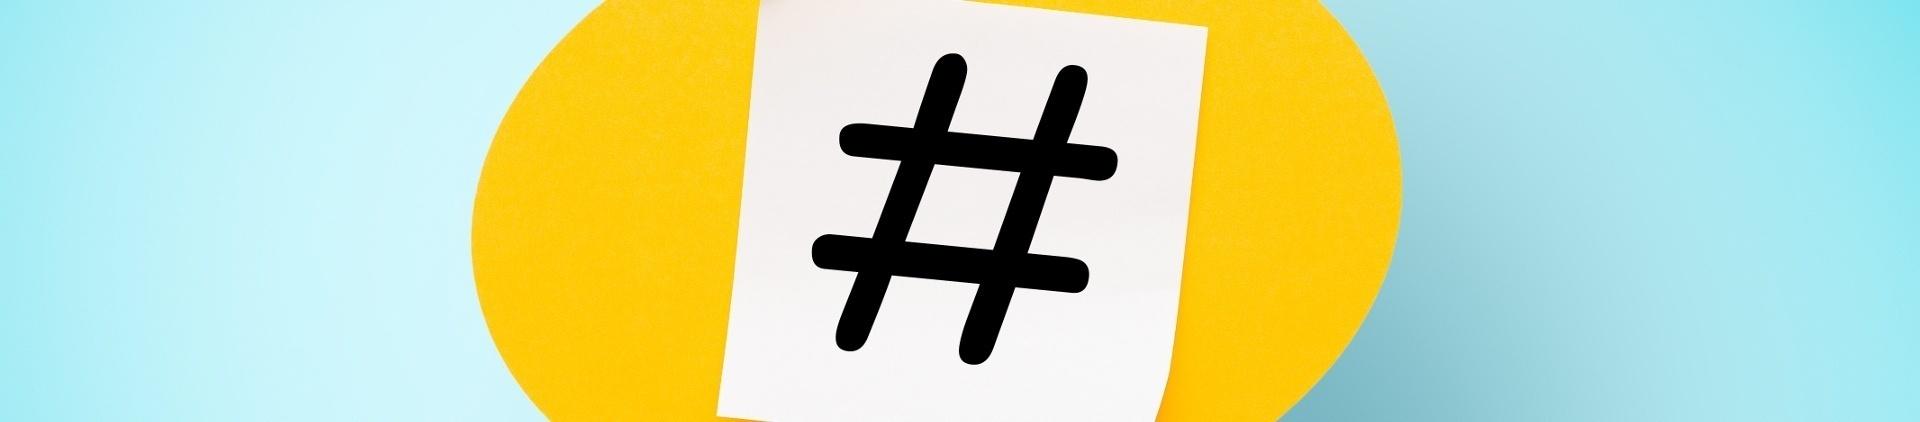 interpack 2017 – Operation Hashtag für noch mehr Sichtbarkeit